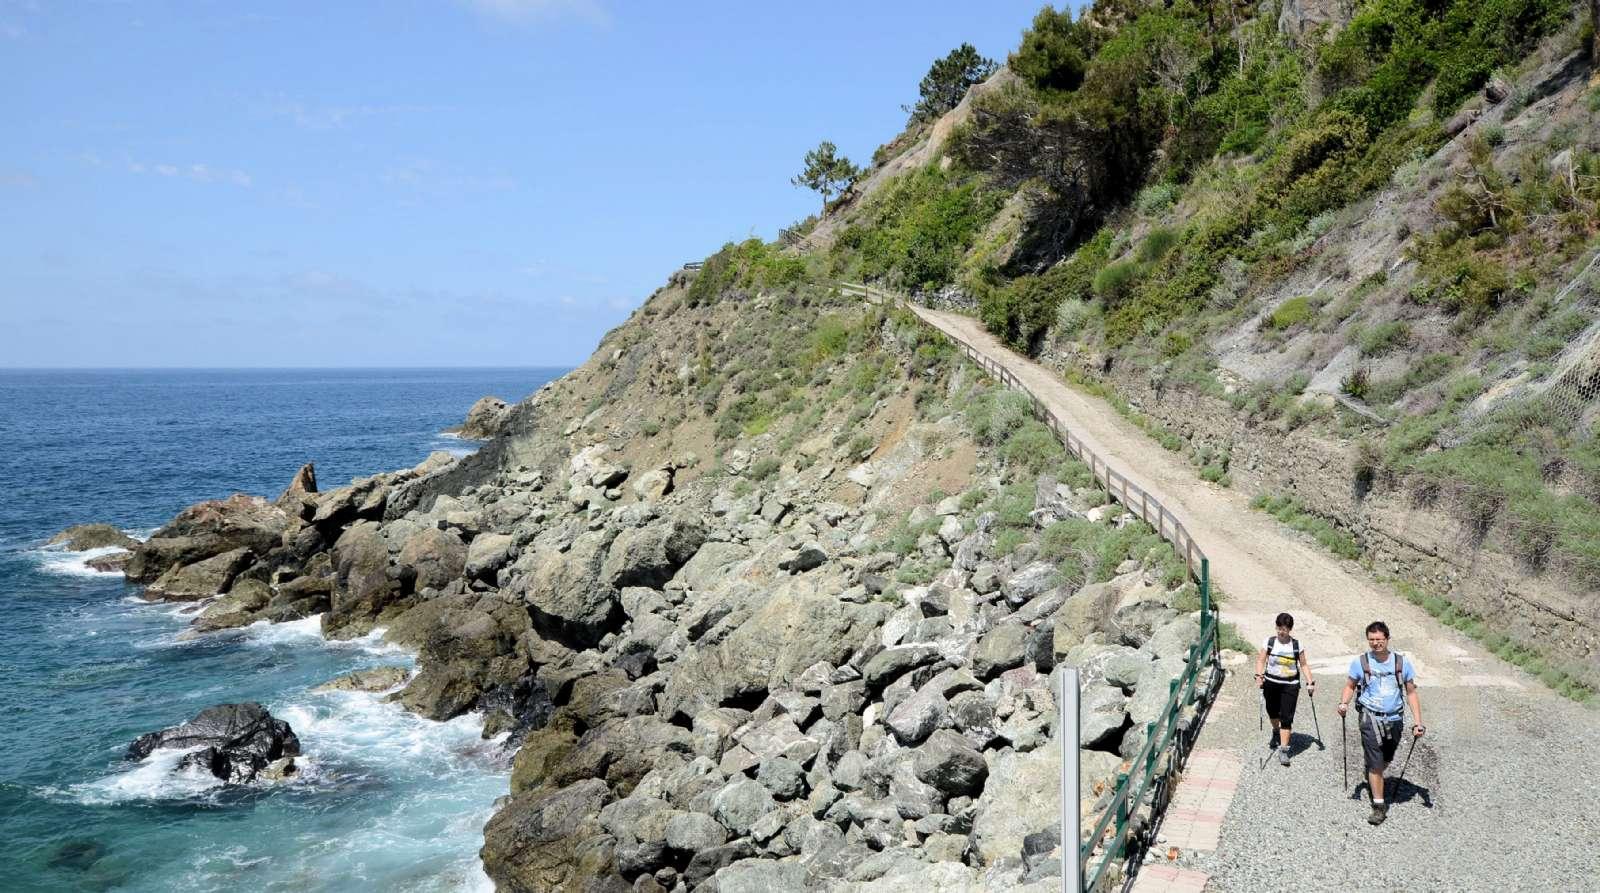 Turgåing langs havet er en populær del av en aktiv ferie i Italia